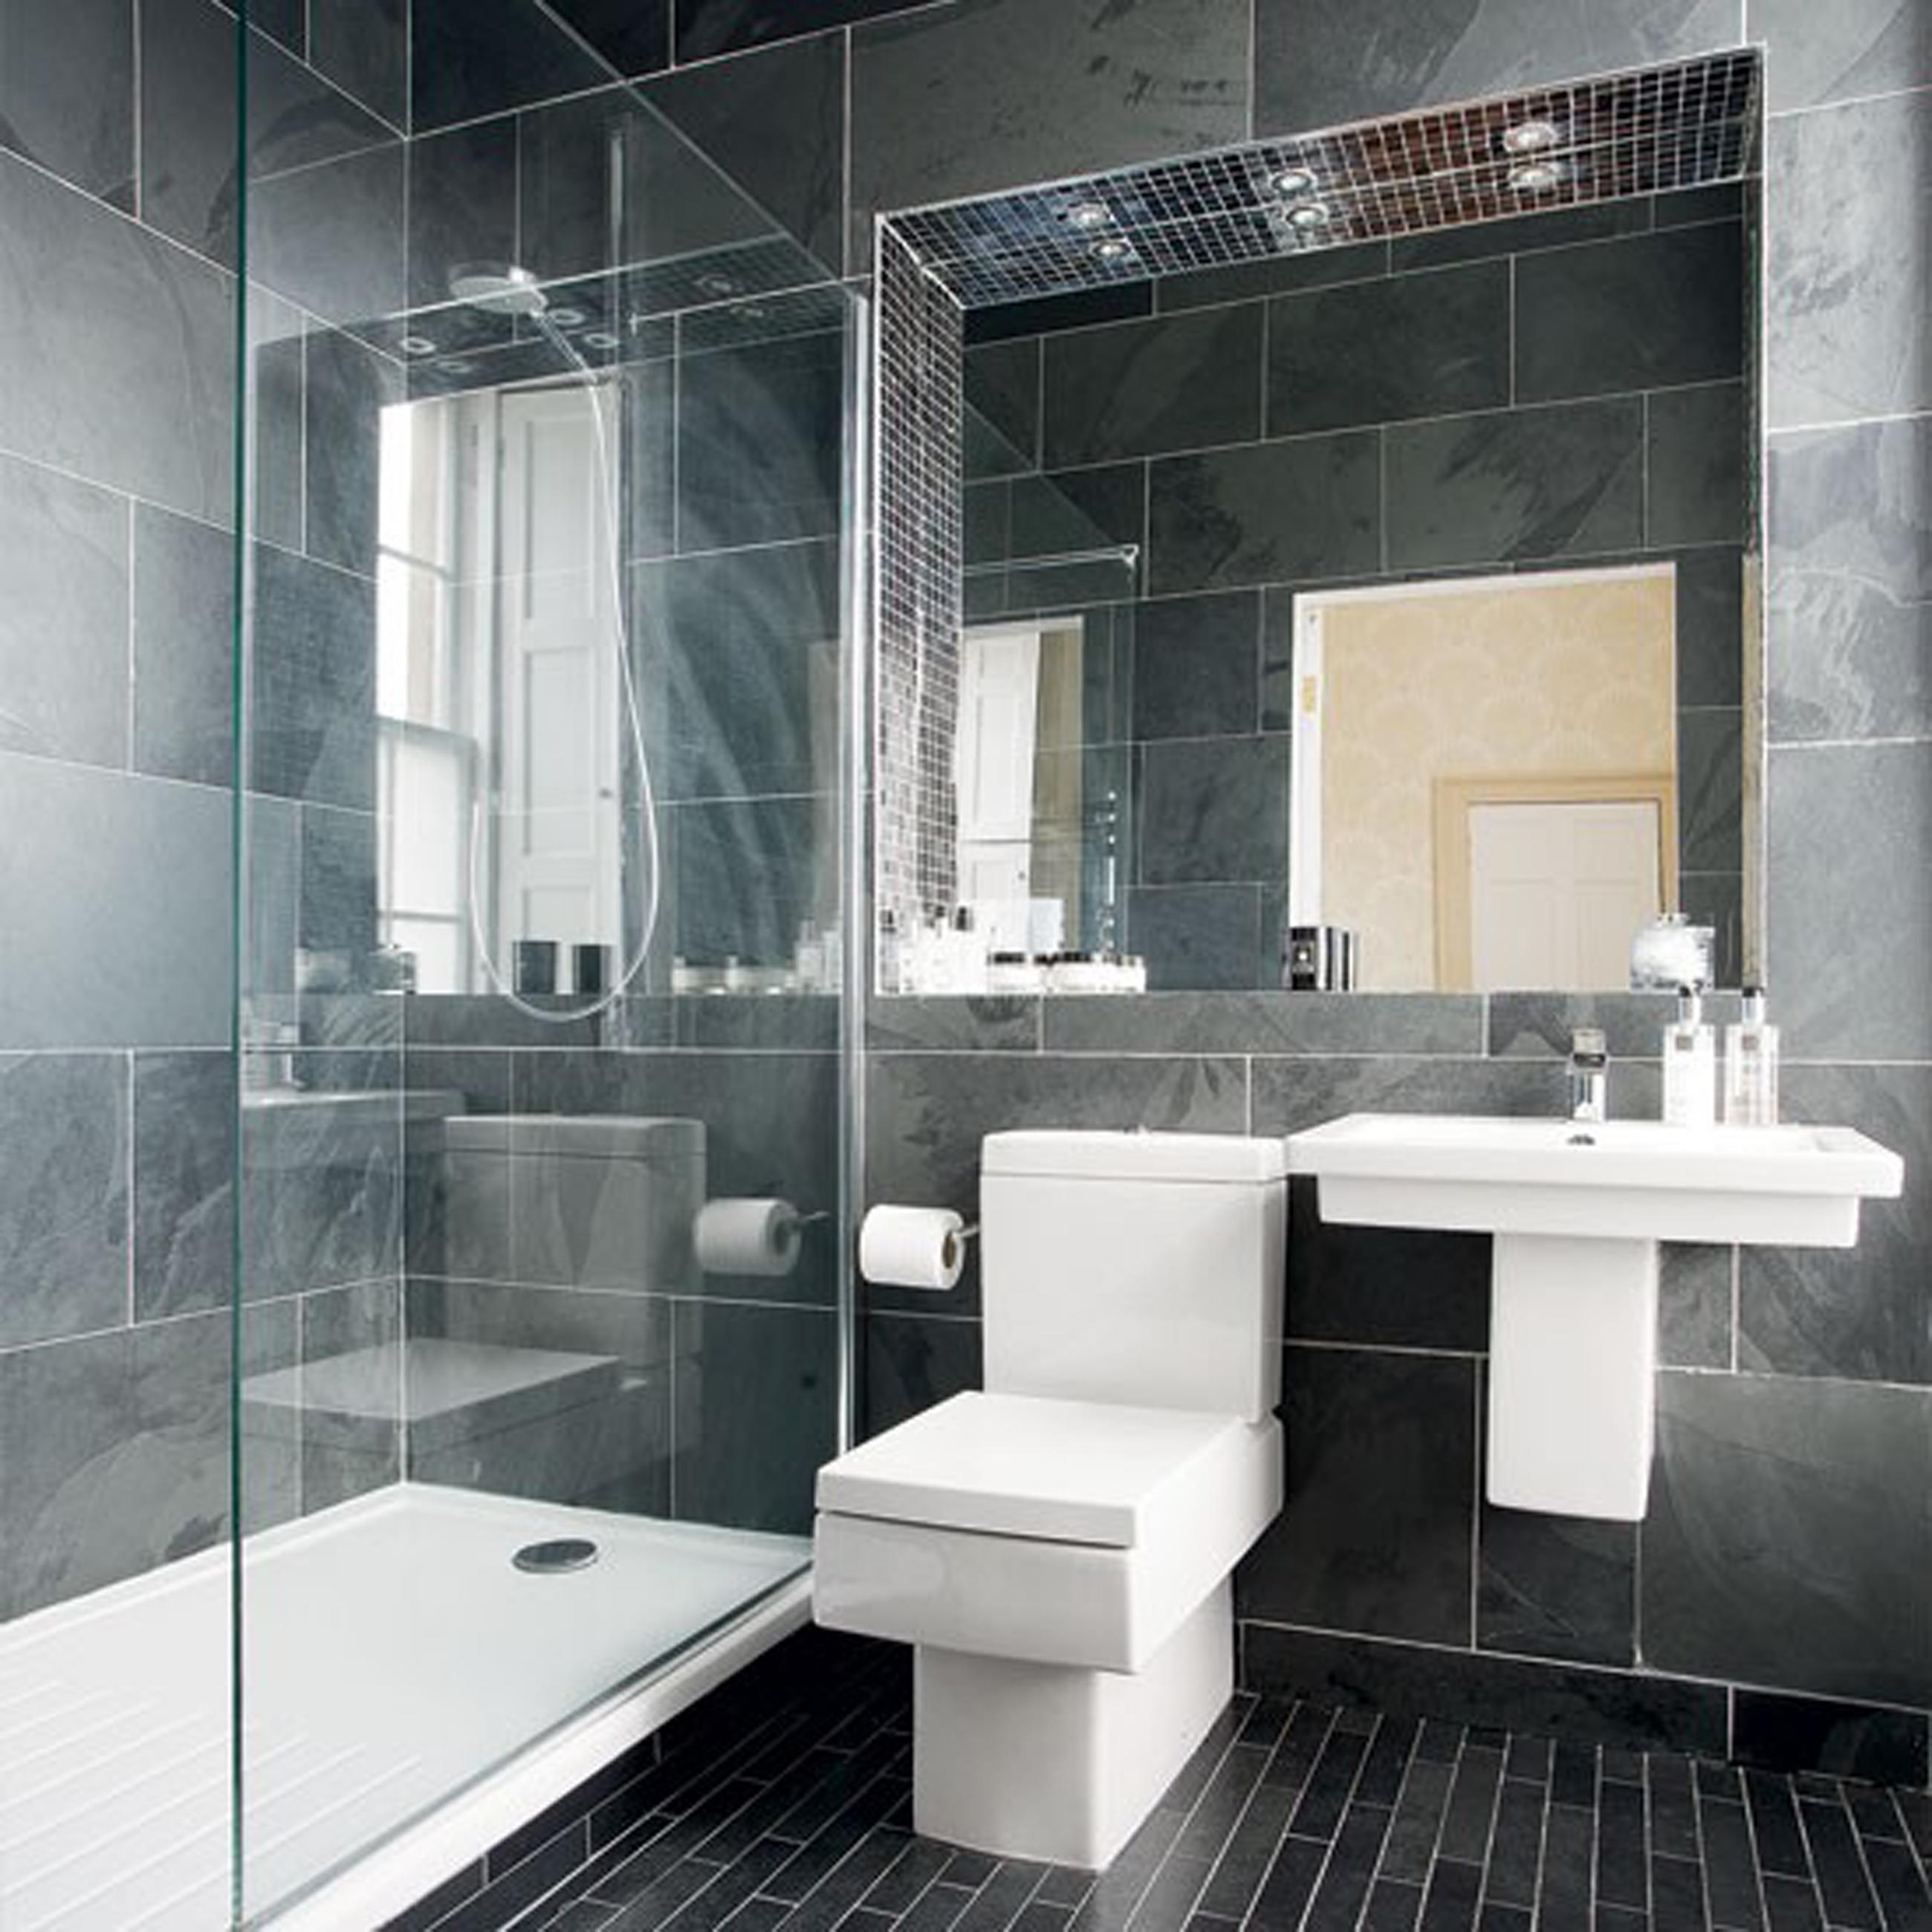 ванная комната фотографии туалет и